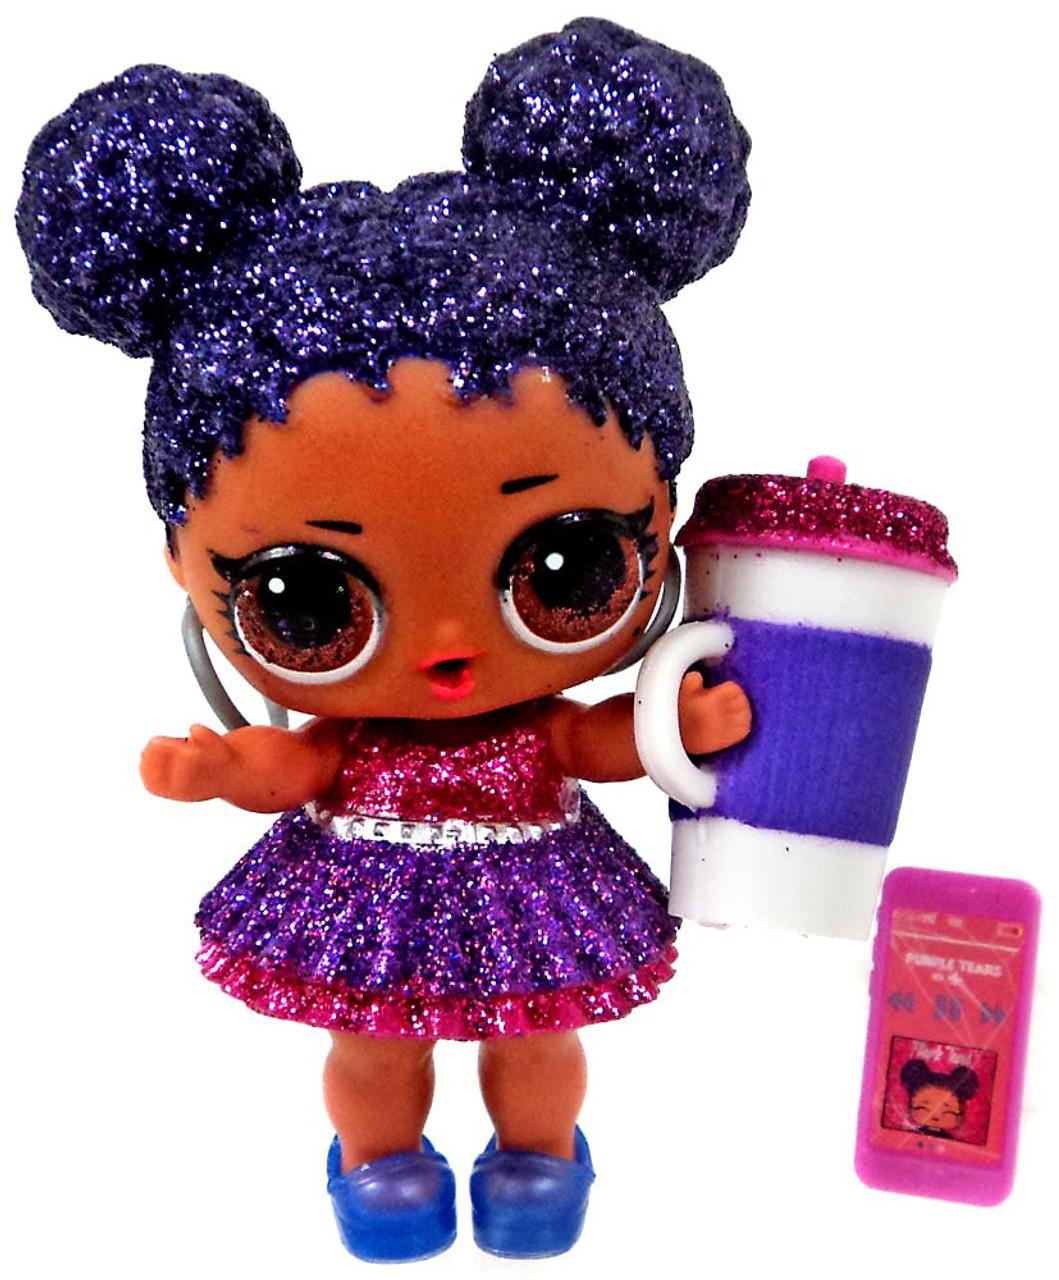 limited edition big lol doll